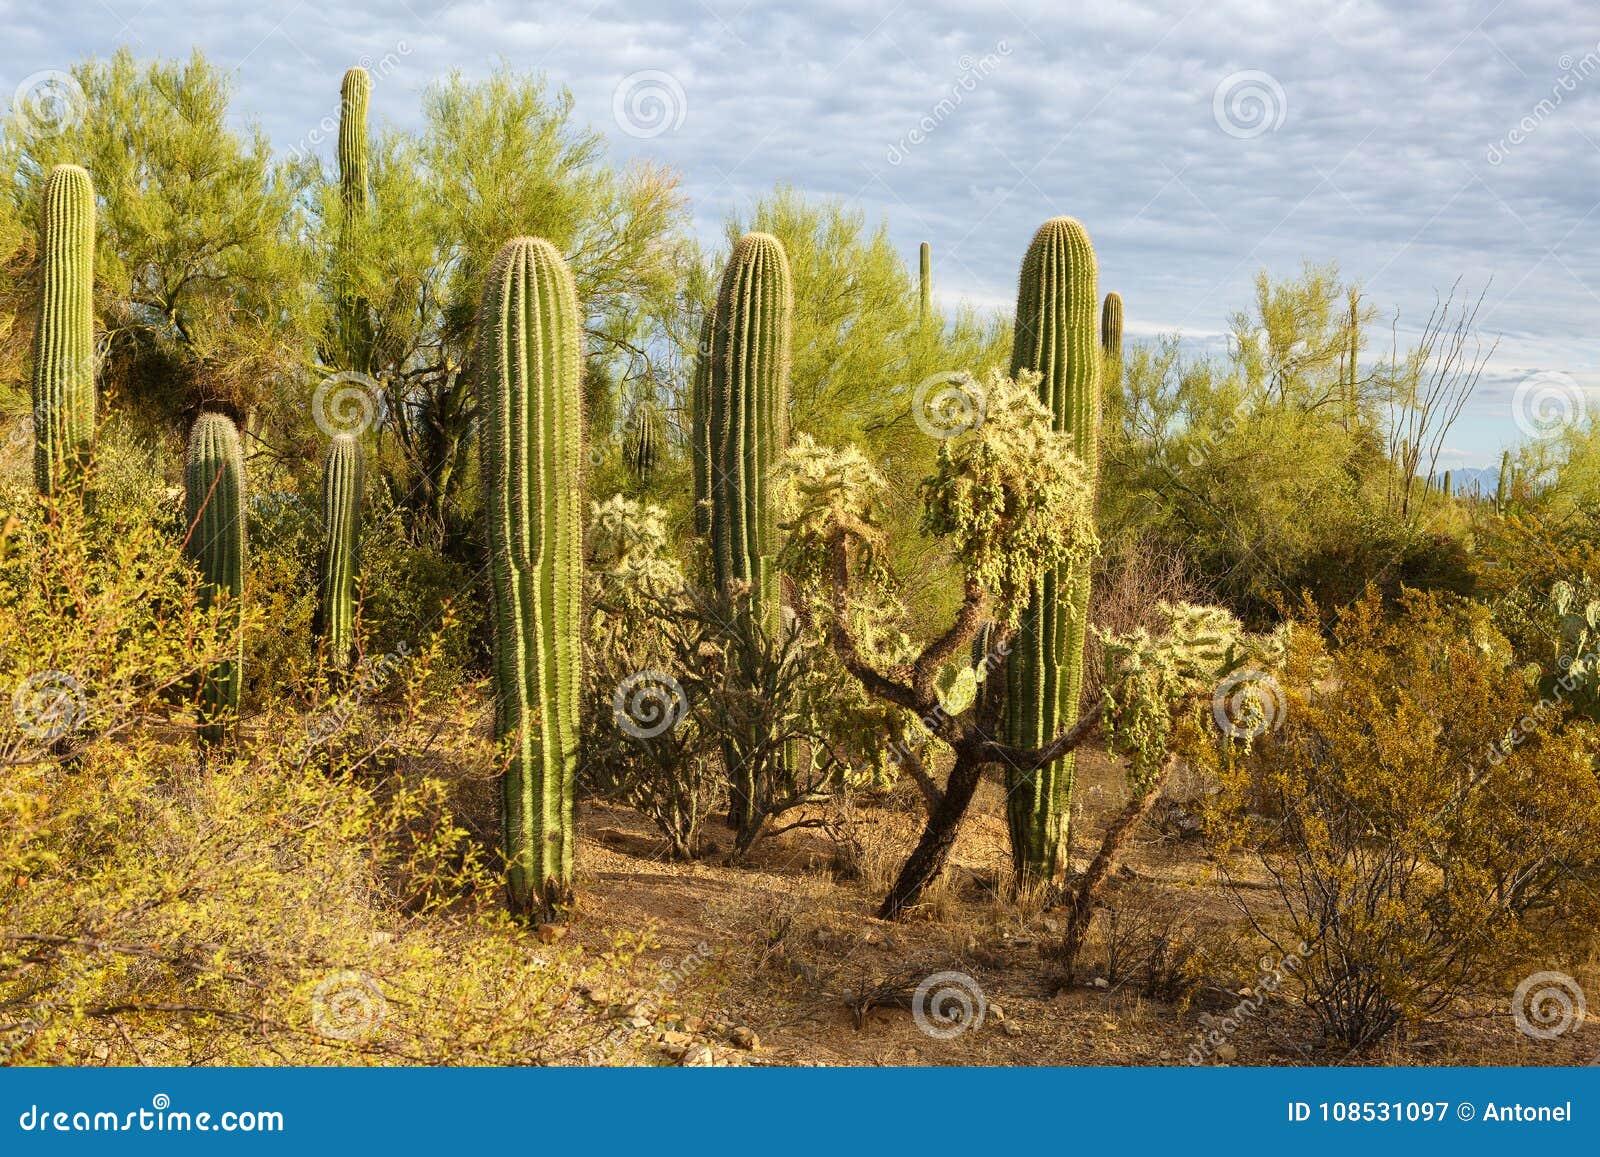 Cactusstruikgewas in het Nationale Park van Saguaro bij zonsondergang, zuidoostelijk Arizona, Verenigde Staten